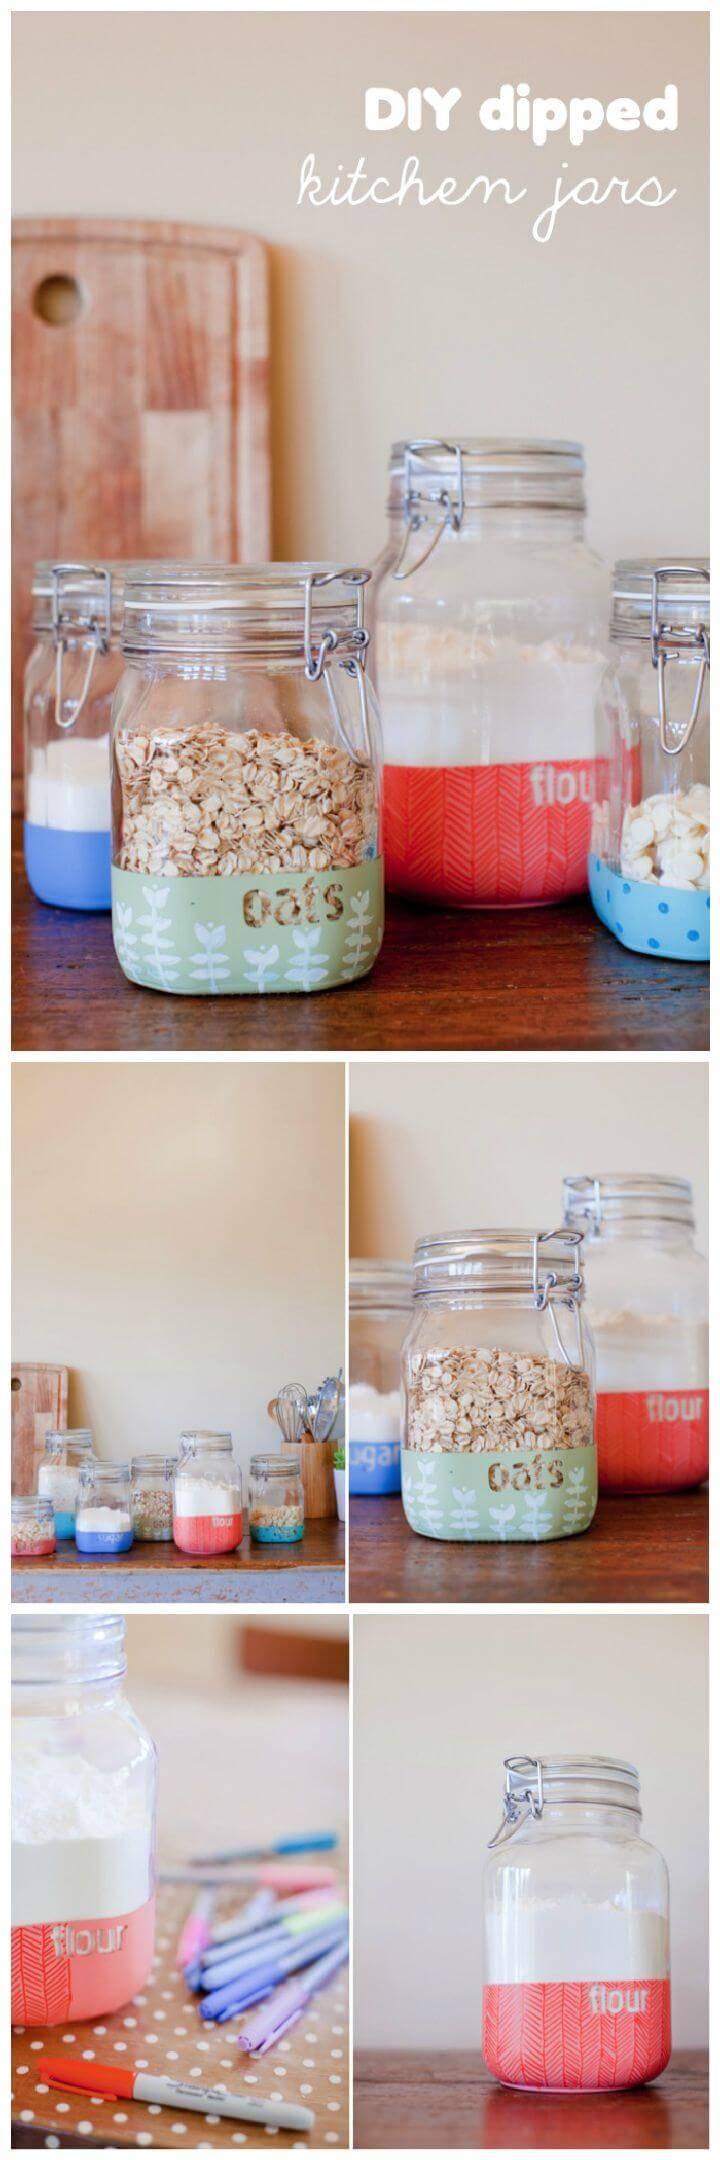 DIY dipped kitchen jars